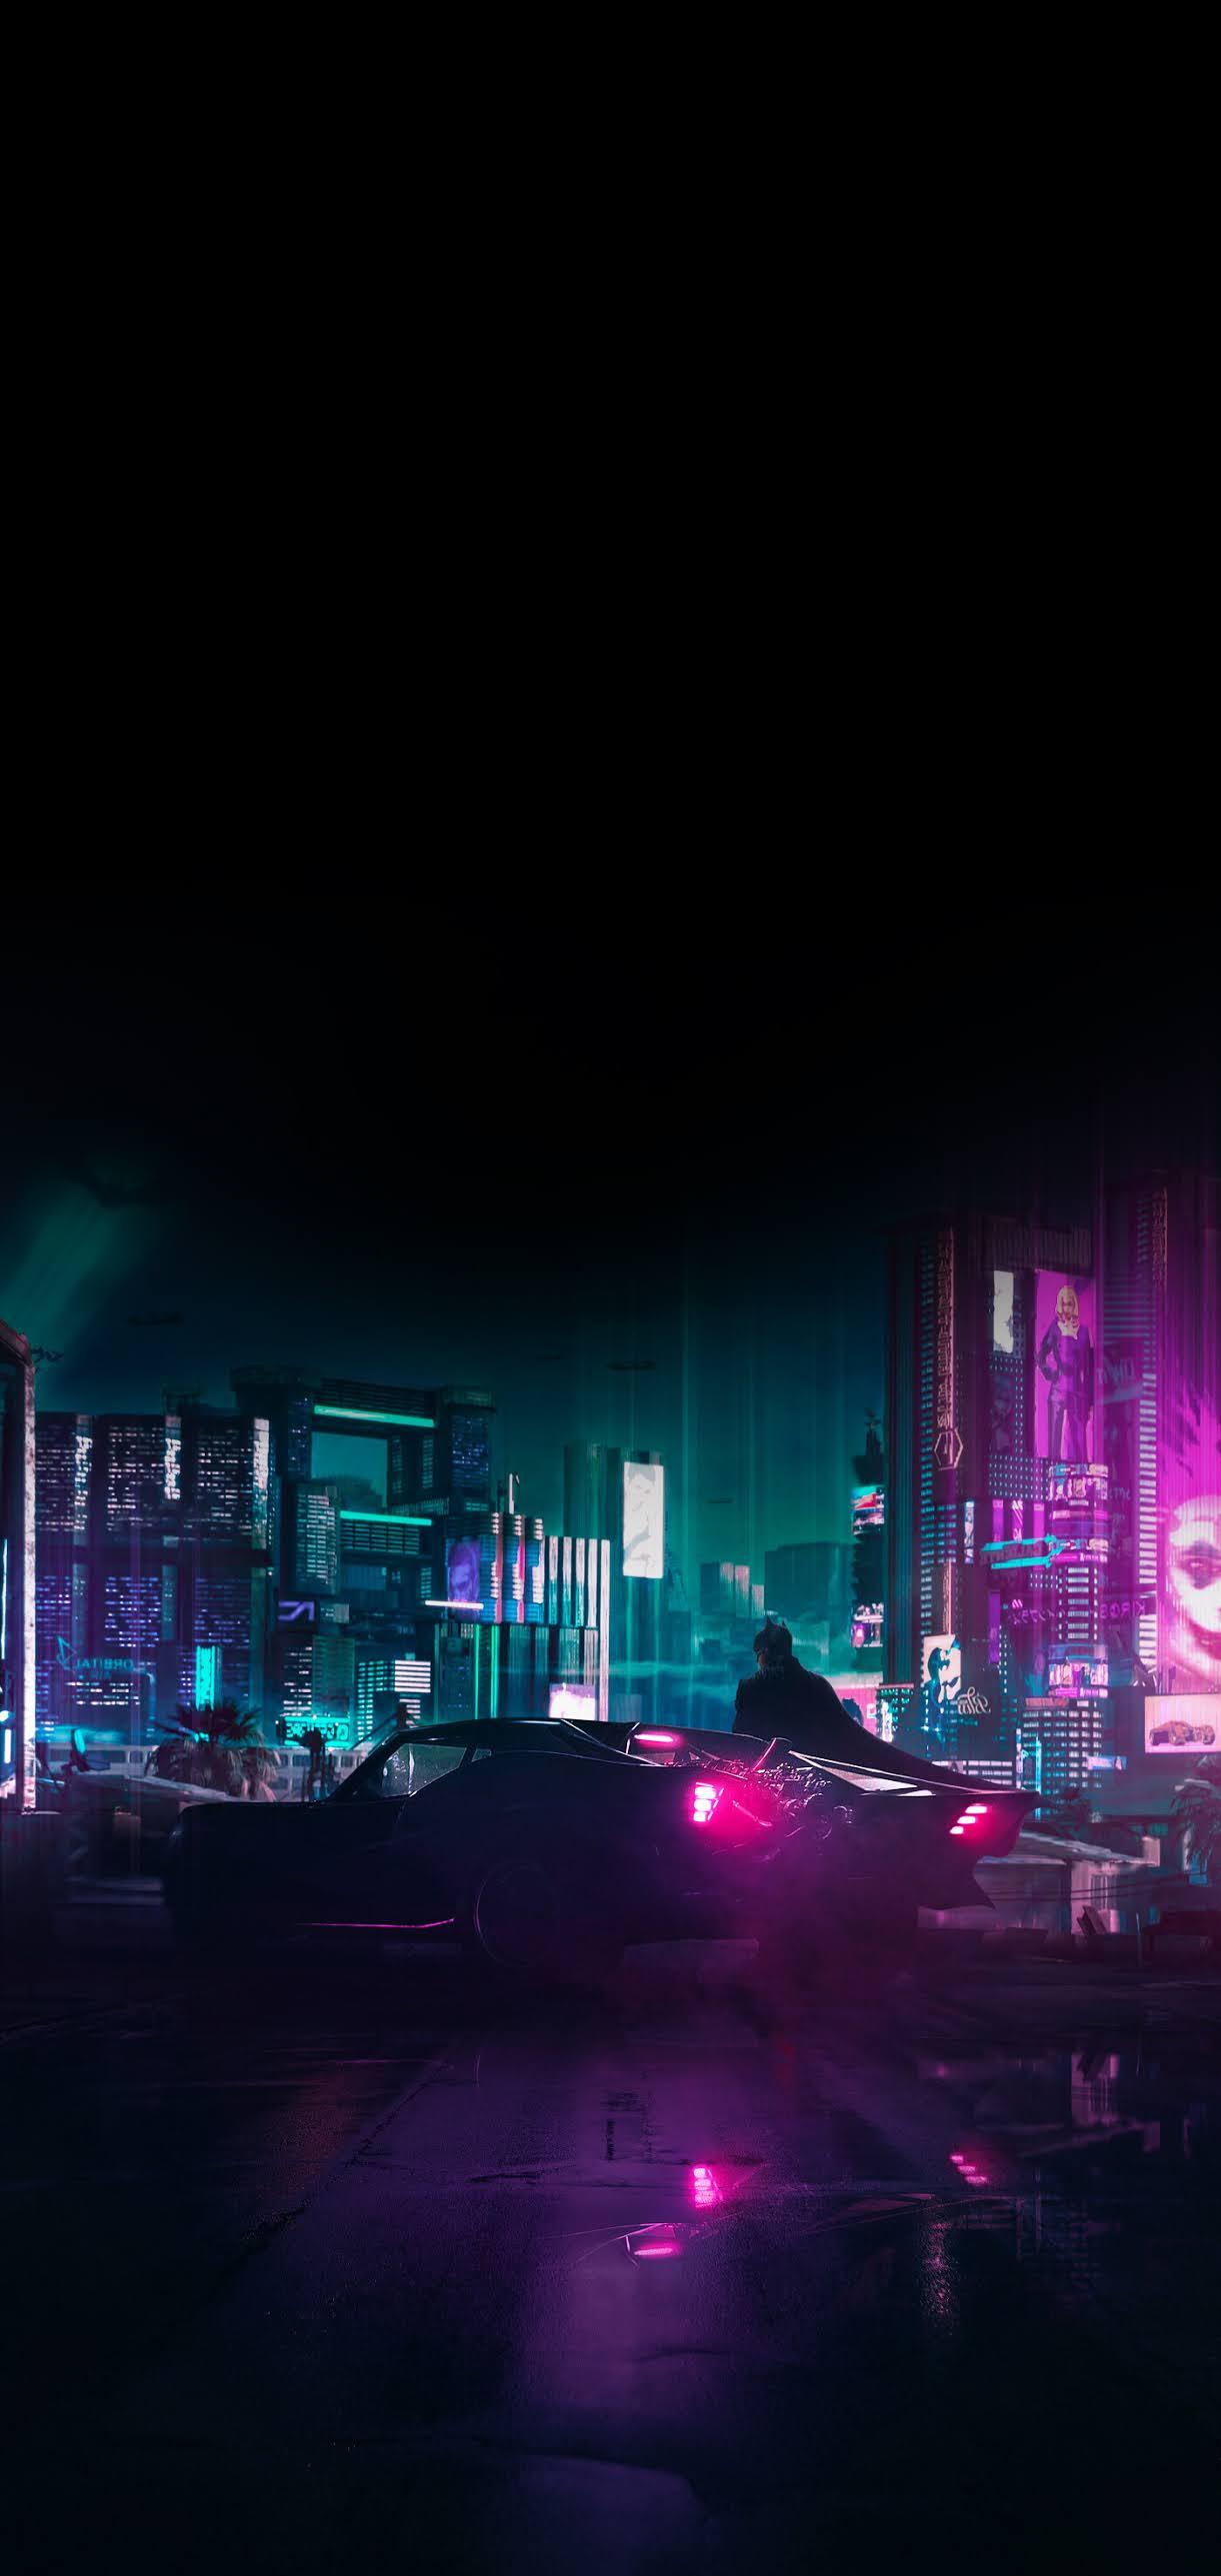 batman-cyberpunk-wallpaper-phone-hd